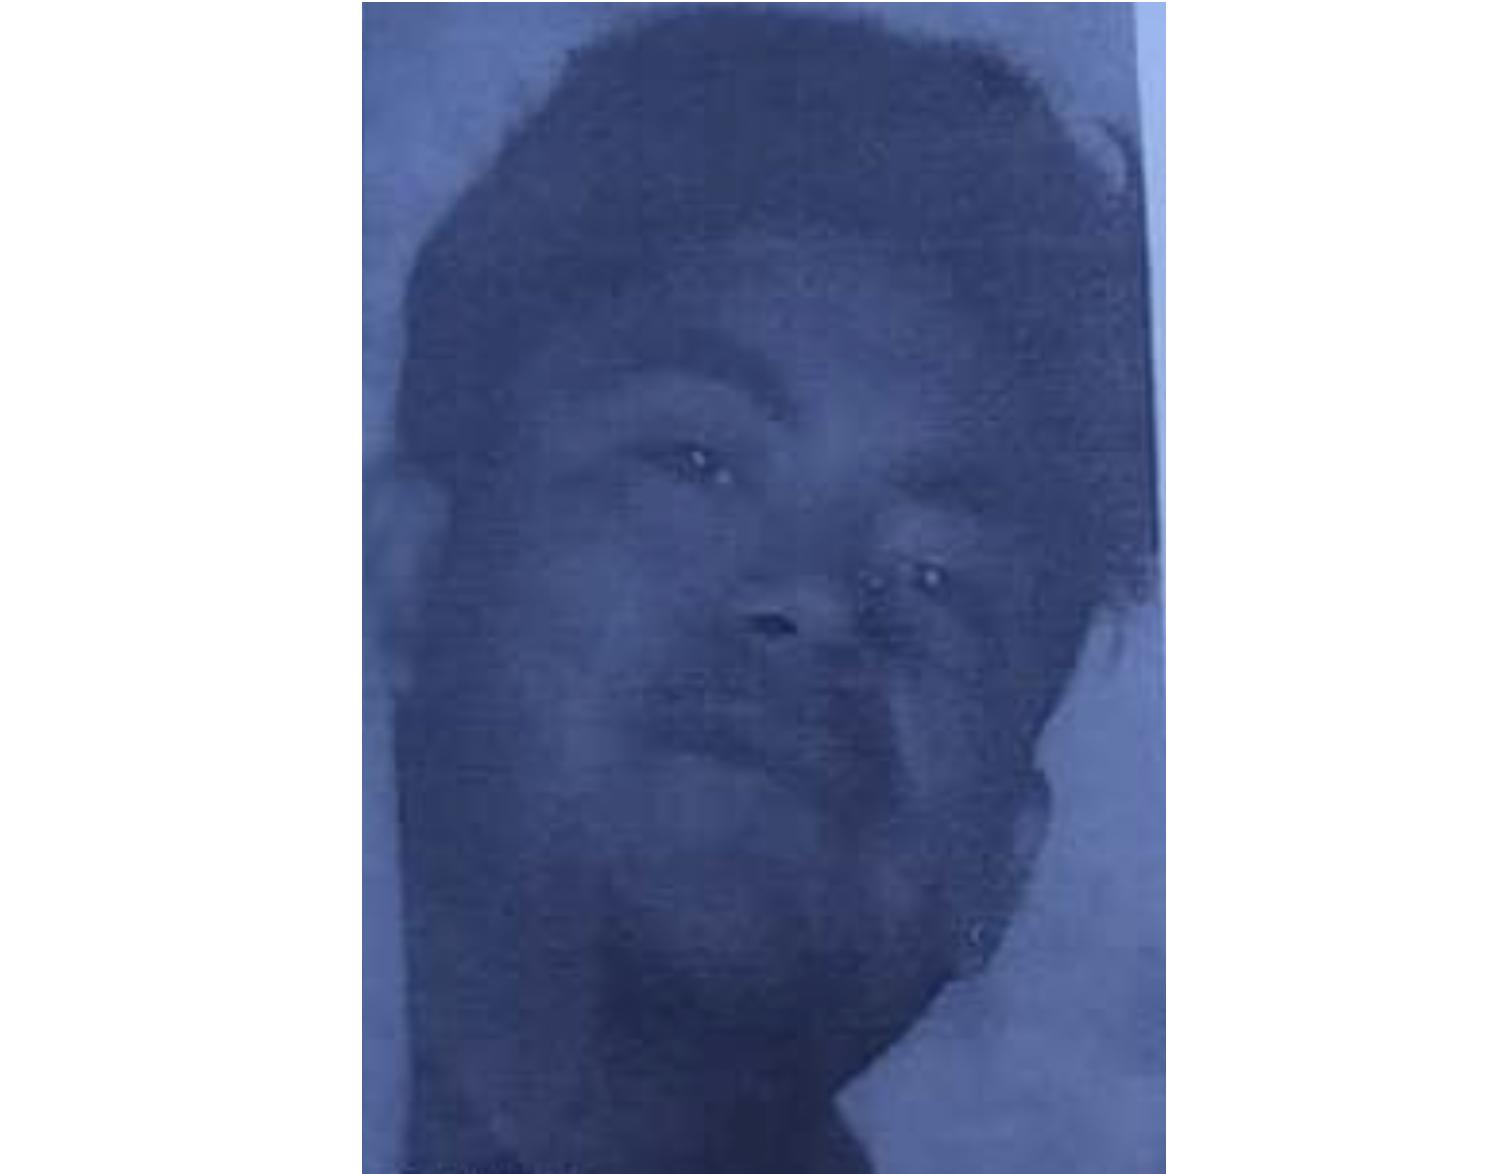 Desaparece otro joven de 20 años en Tecamachalco